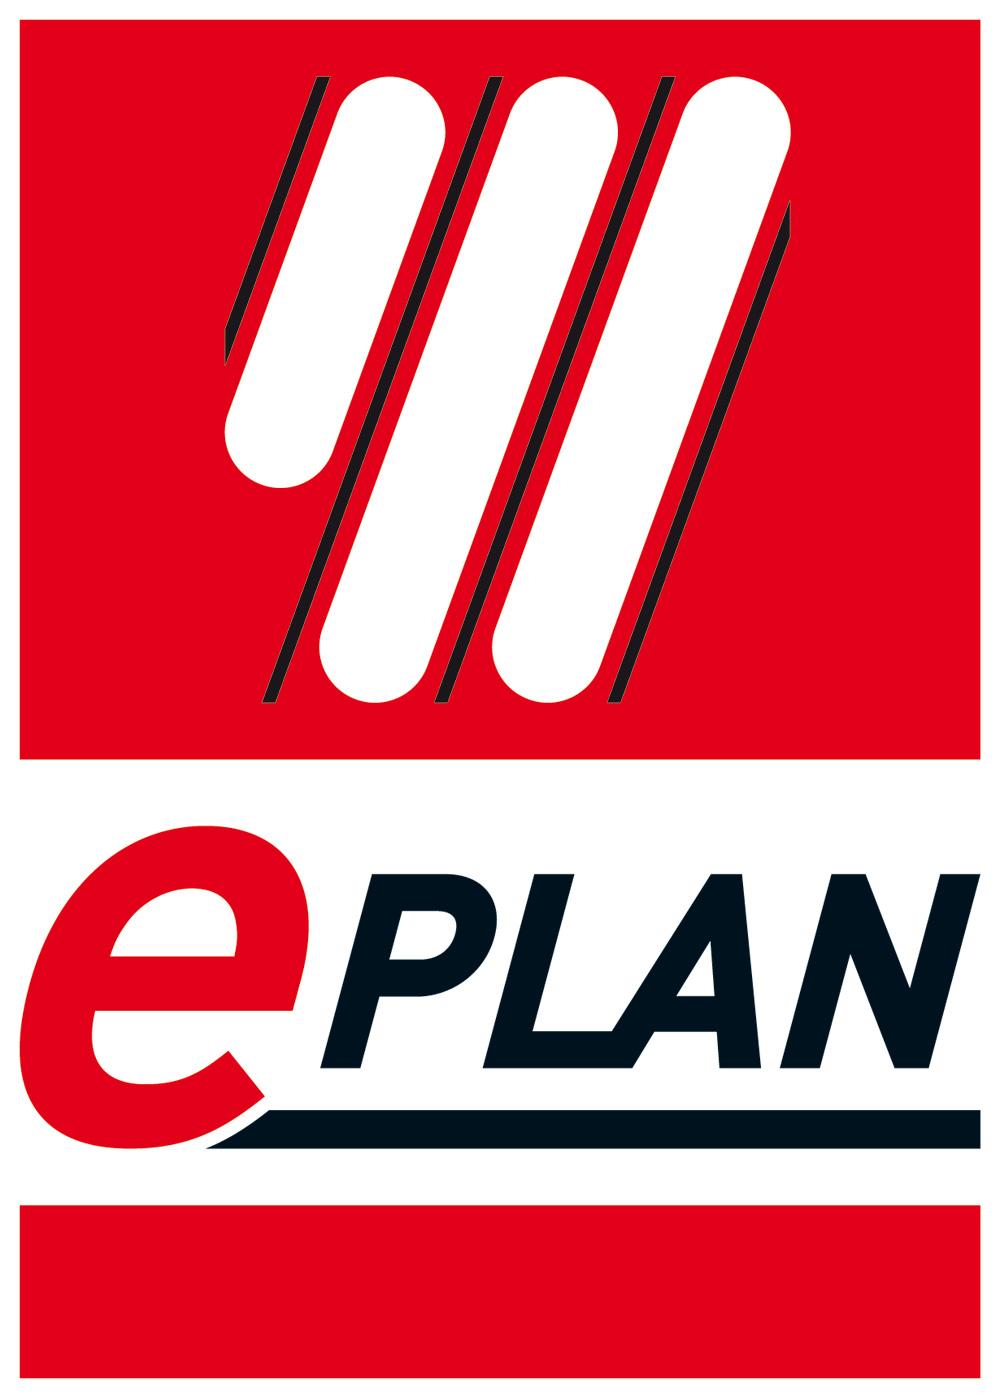 Программное обеспечение EPLAN в проектировании АЭС, ТЭЦ, ГЭС, ПС и других объектов энергетики